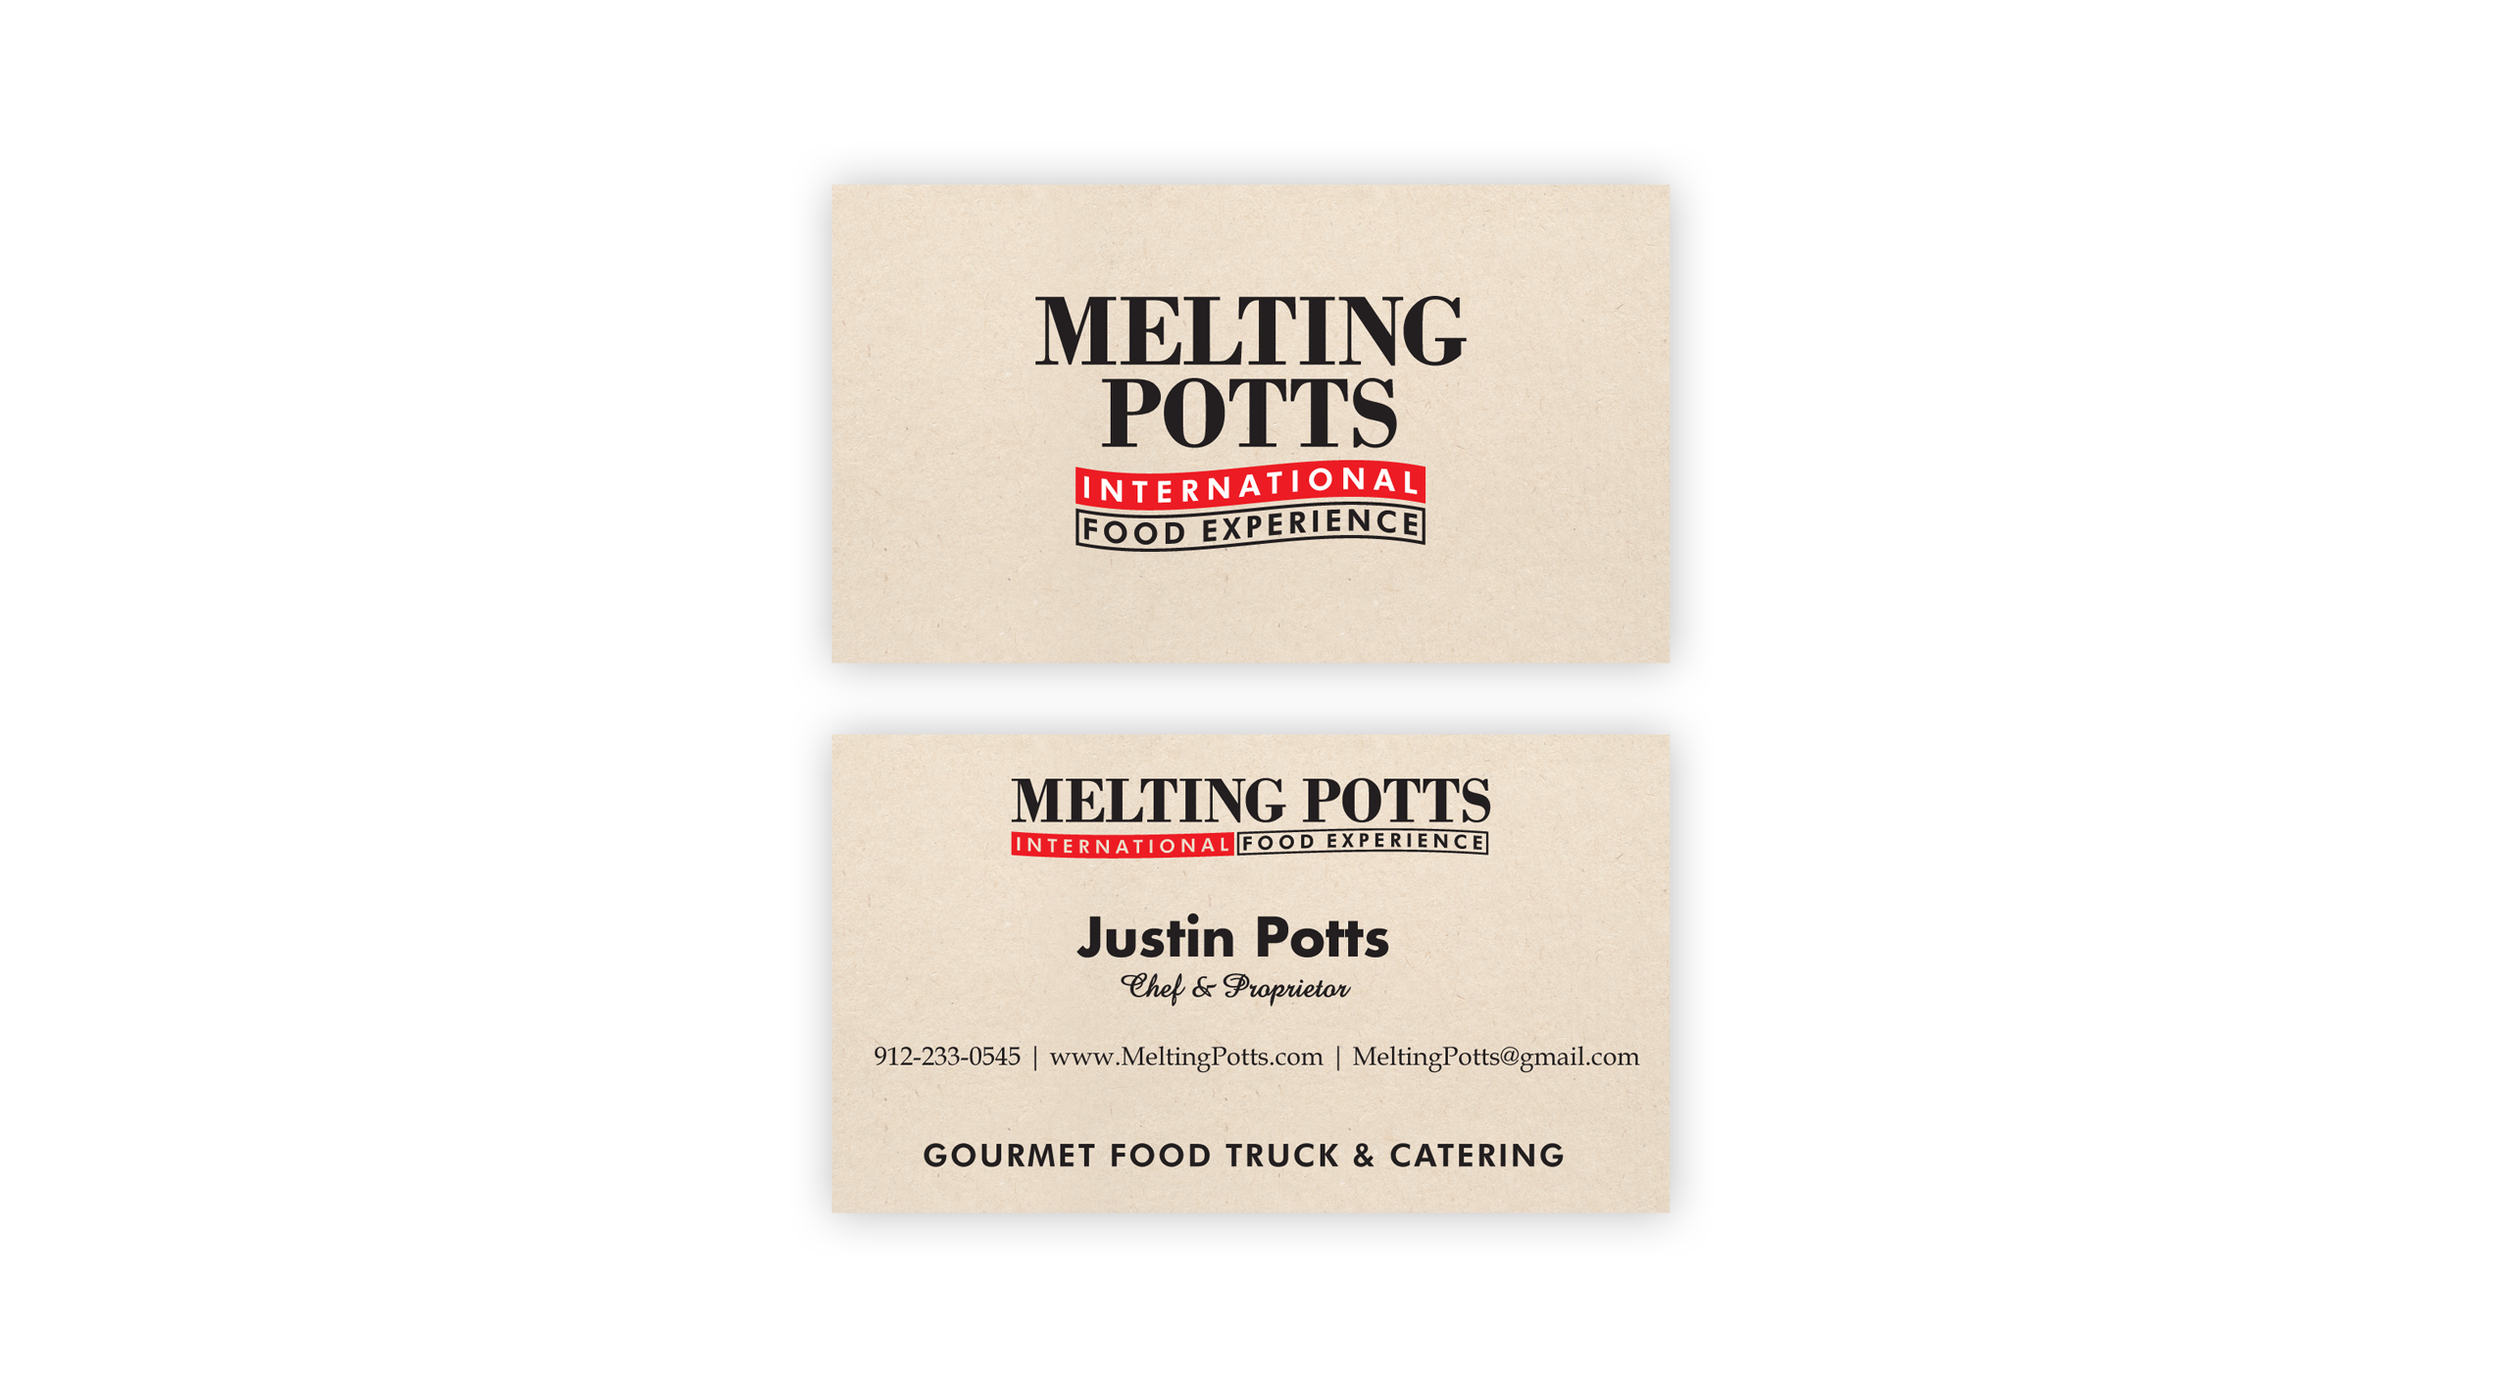 Melting-Potts_Business-Cards_Dreamcapture_Memphis-TN